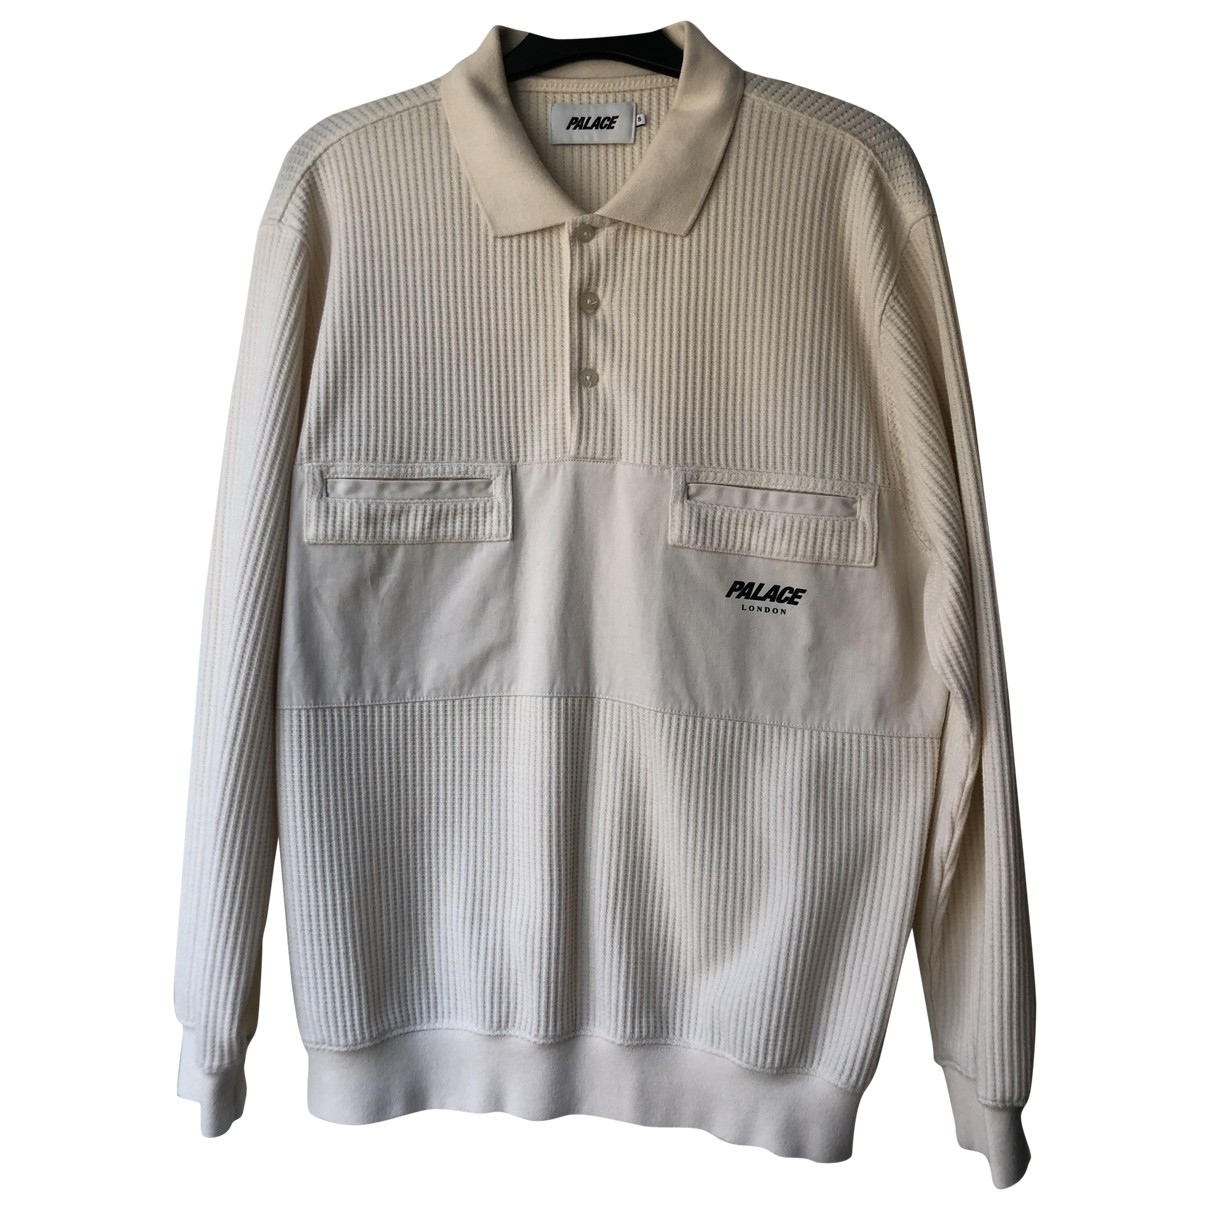 Pallas - Polos   pour homme en coton - beige